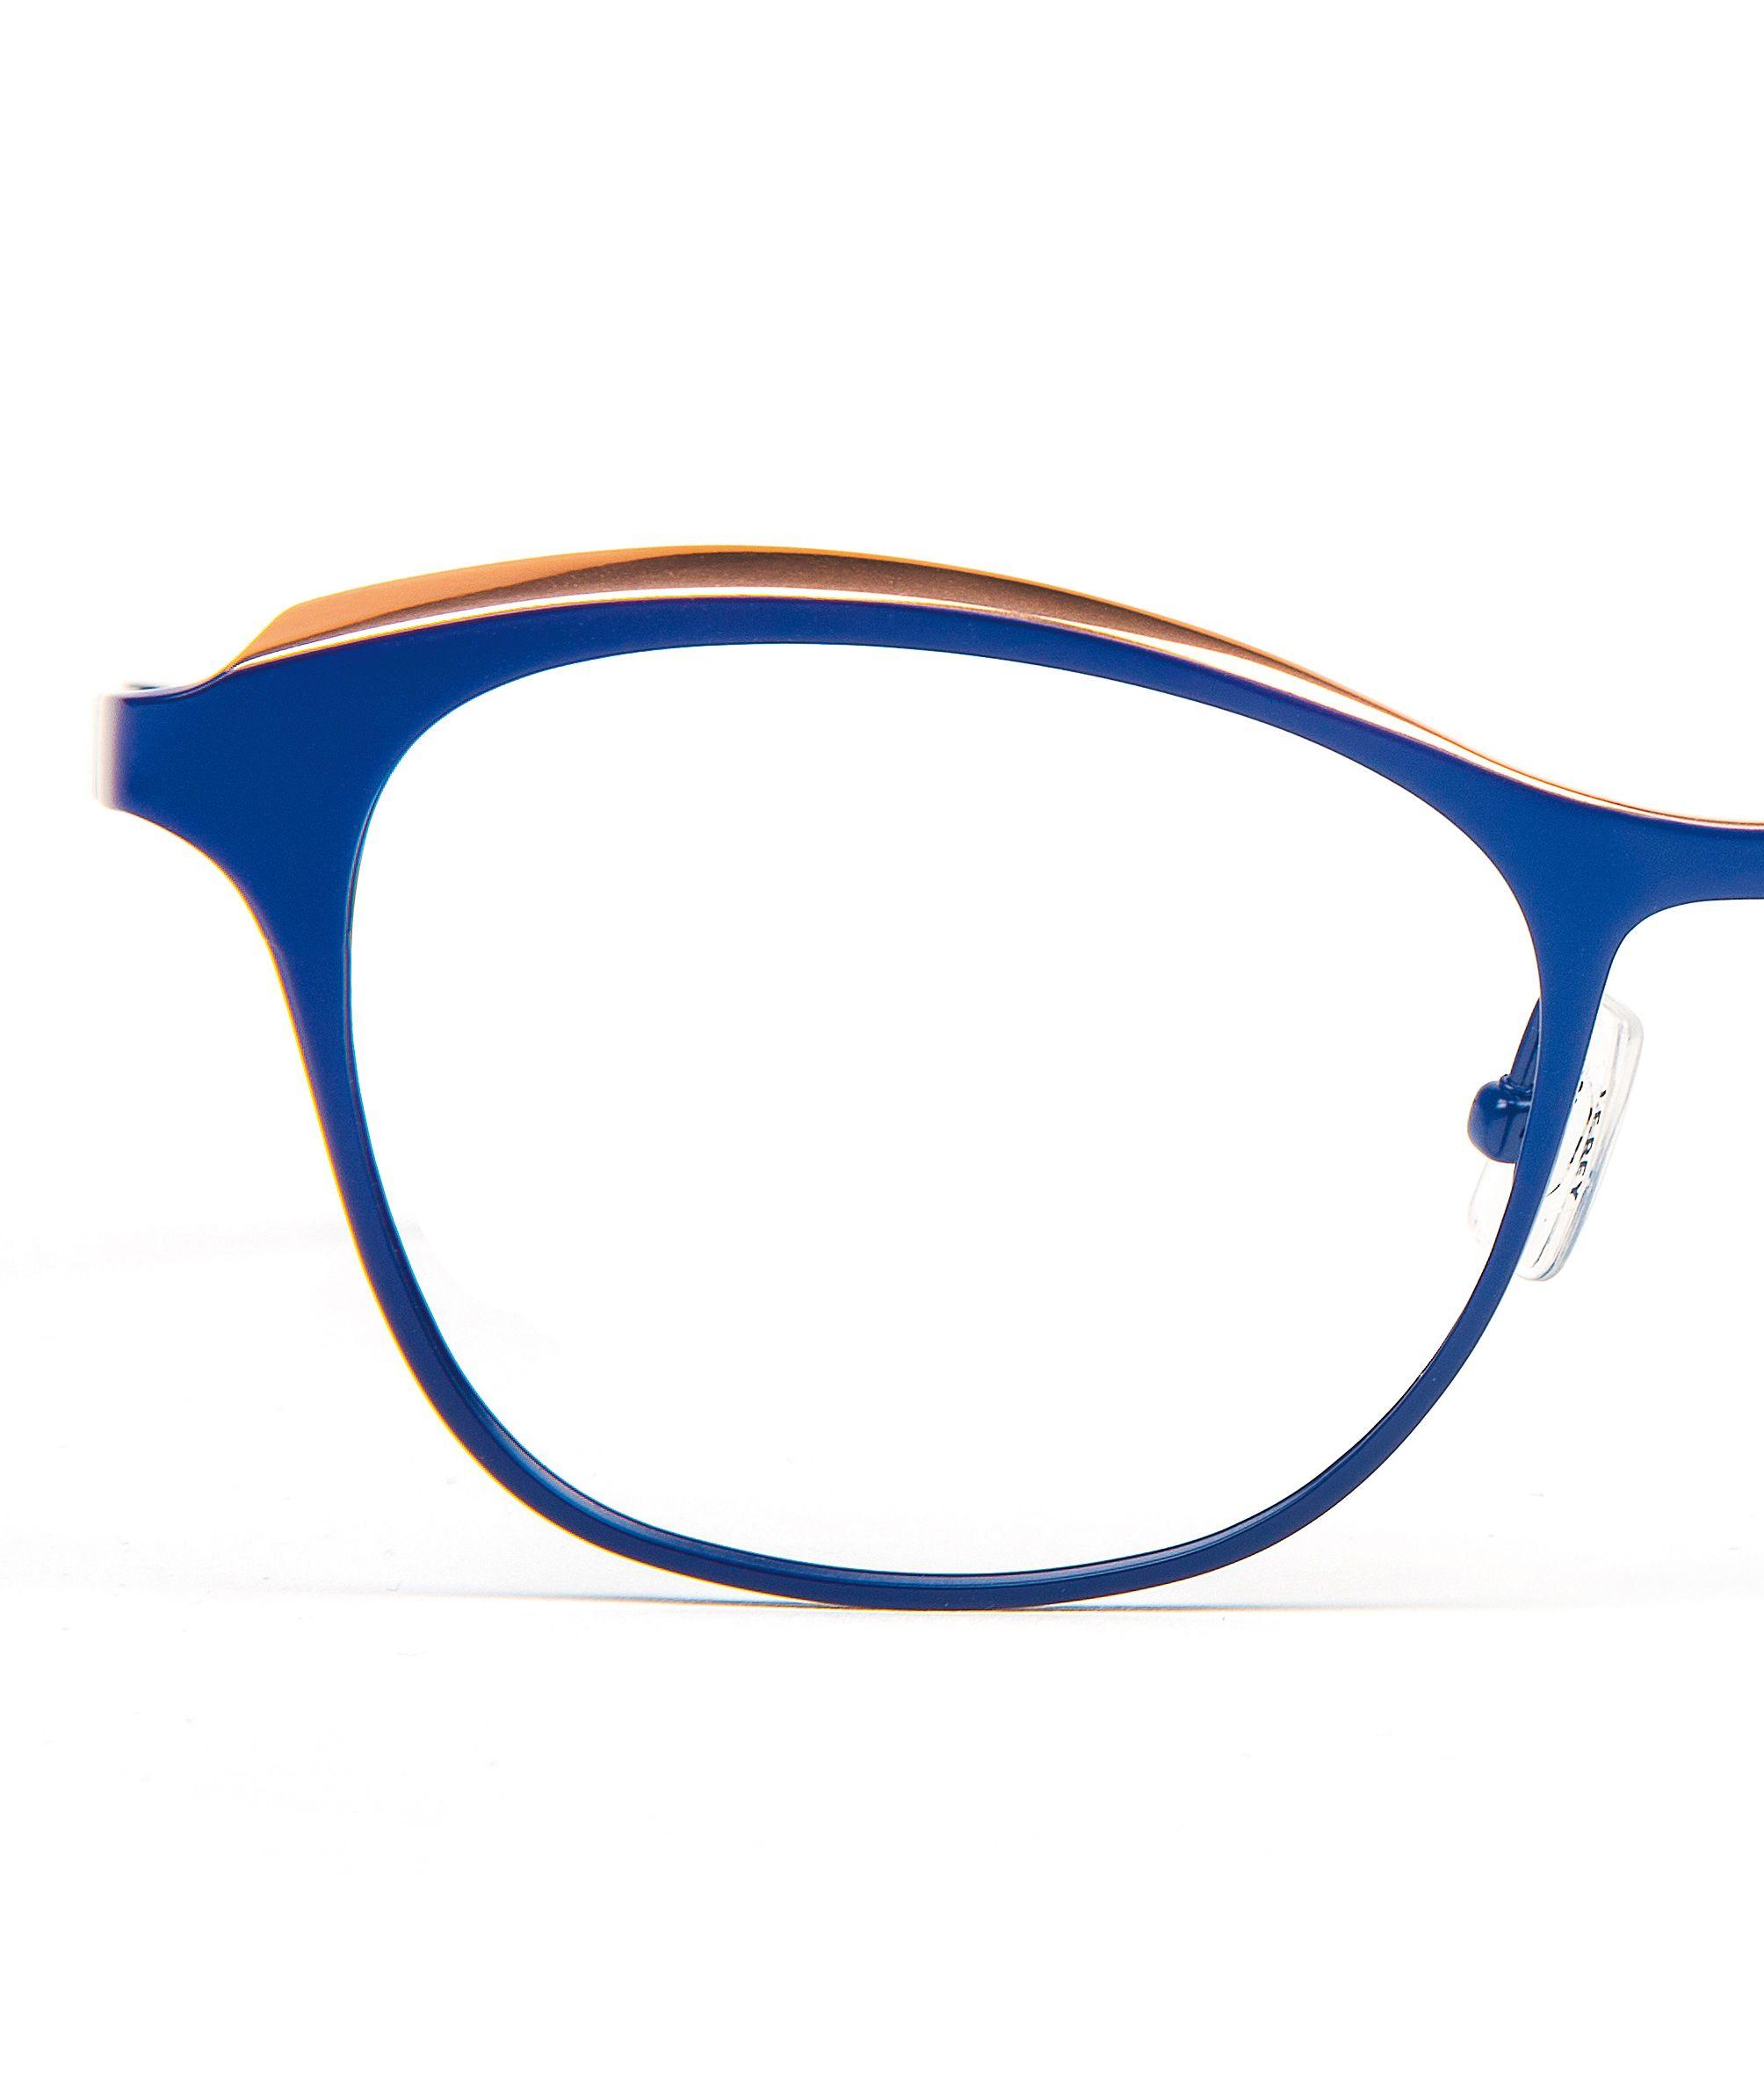 066c9bf748f6b JFRey nuances de bleu + Or  glasses  blue